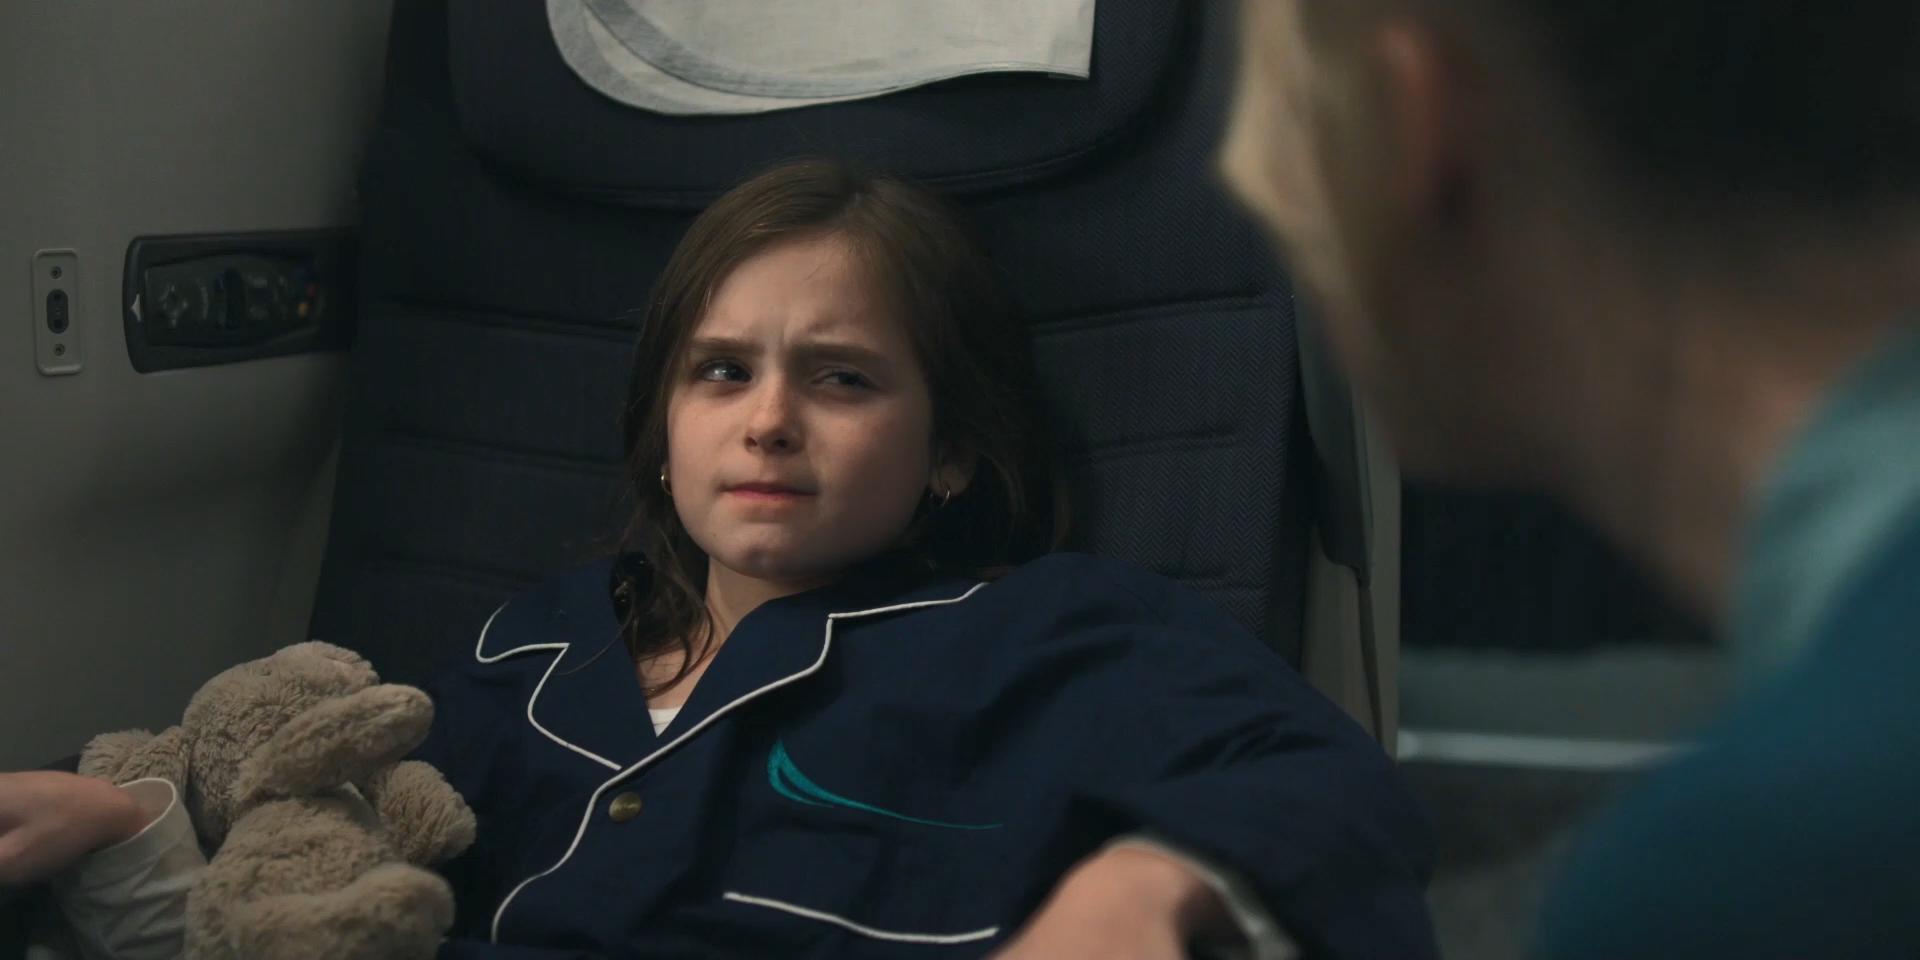 Изображение для Бортпроводница / The Flight Attendant, Сезон 1, Серия 1-8 из 8 (2020) WEBRip 1080p (кликните для просмотра полного изображения)